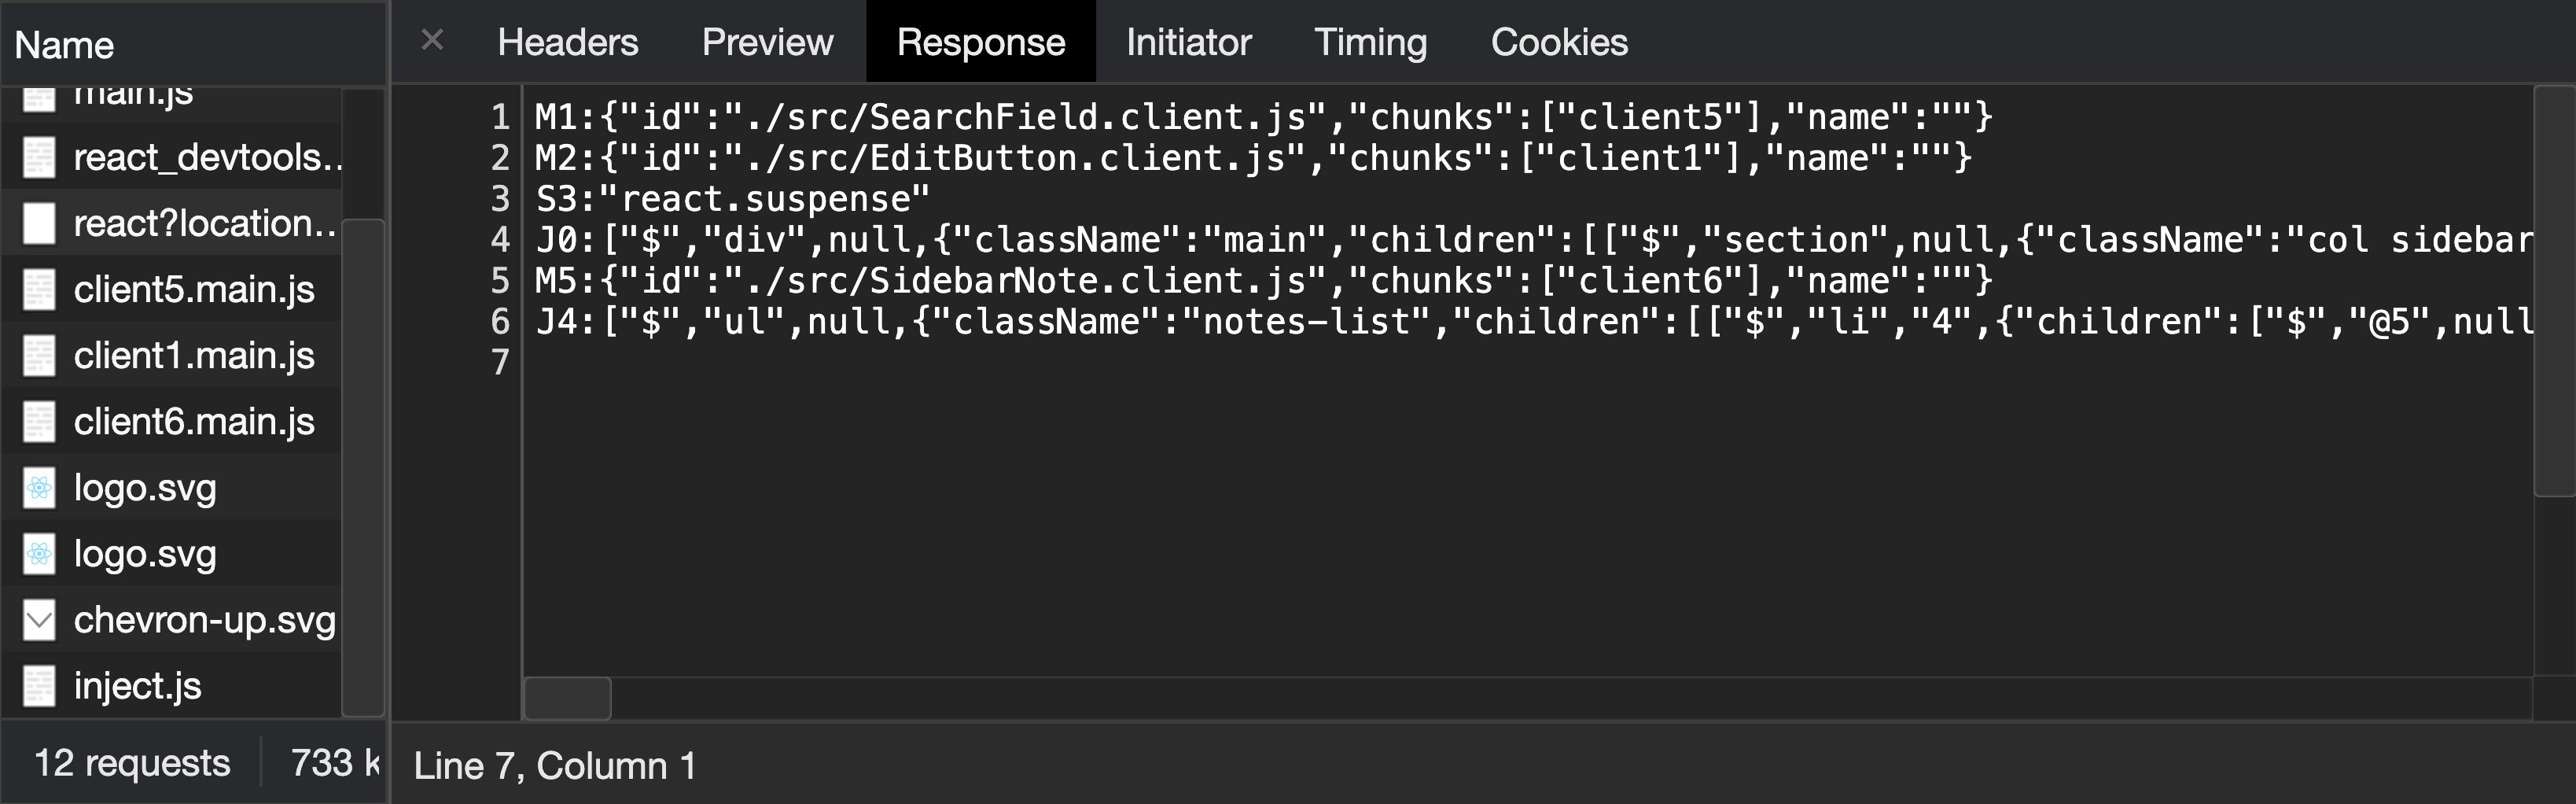 Sürekli bir şekilde sunucudan render edilip aktarılan bileşenler JSON'a benzer şekilde özel bir veri formatıyla iletilir